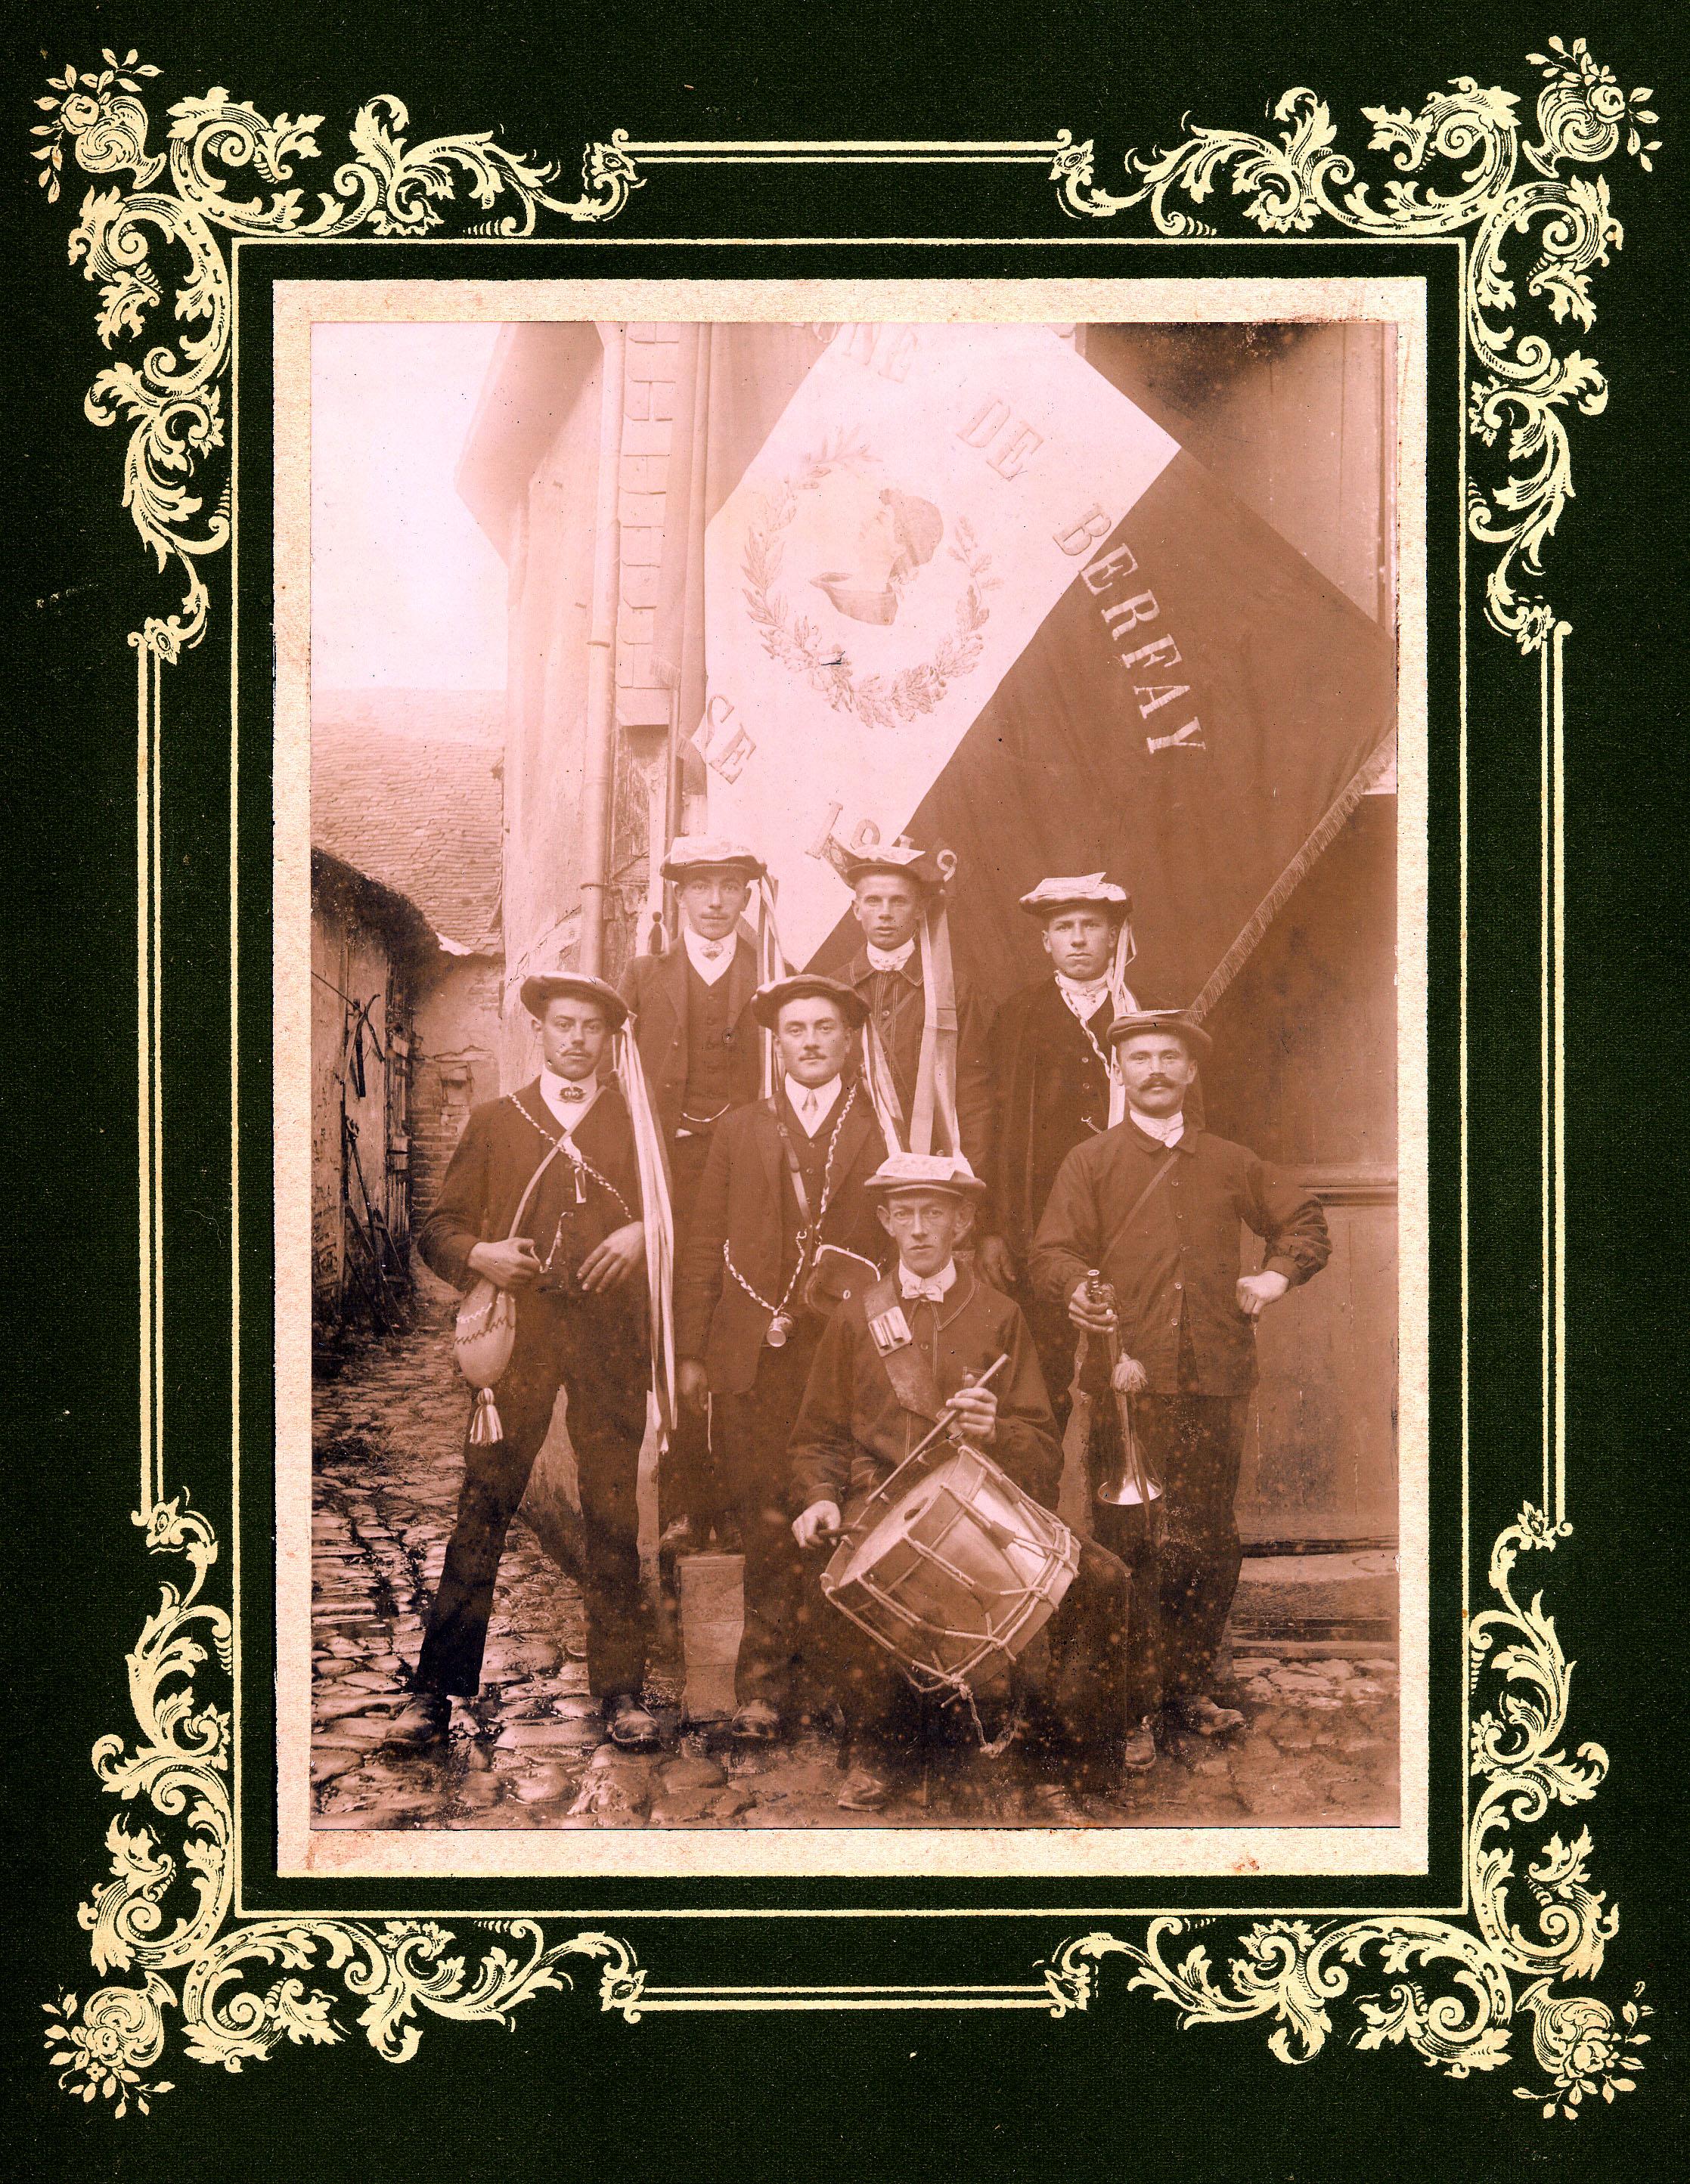 Berfay - Militaires - Conscrits - GAUTIER Henri, Marcel en haut à droite - Mon arrière grand père - Classe 1913 (Nicolas Soulard dit Cocojobo)